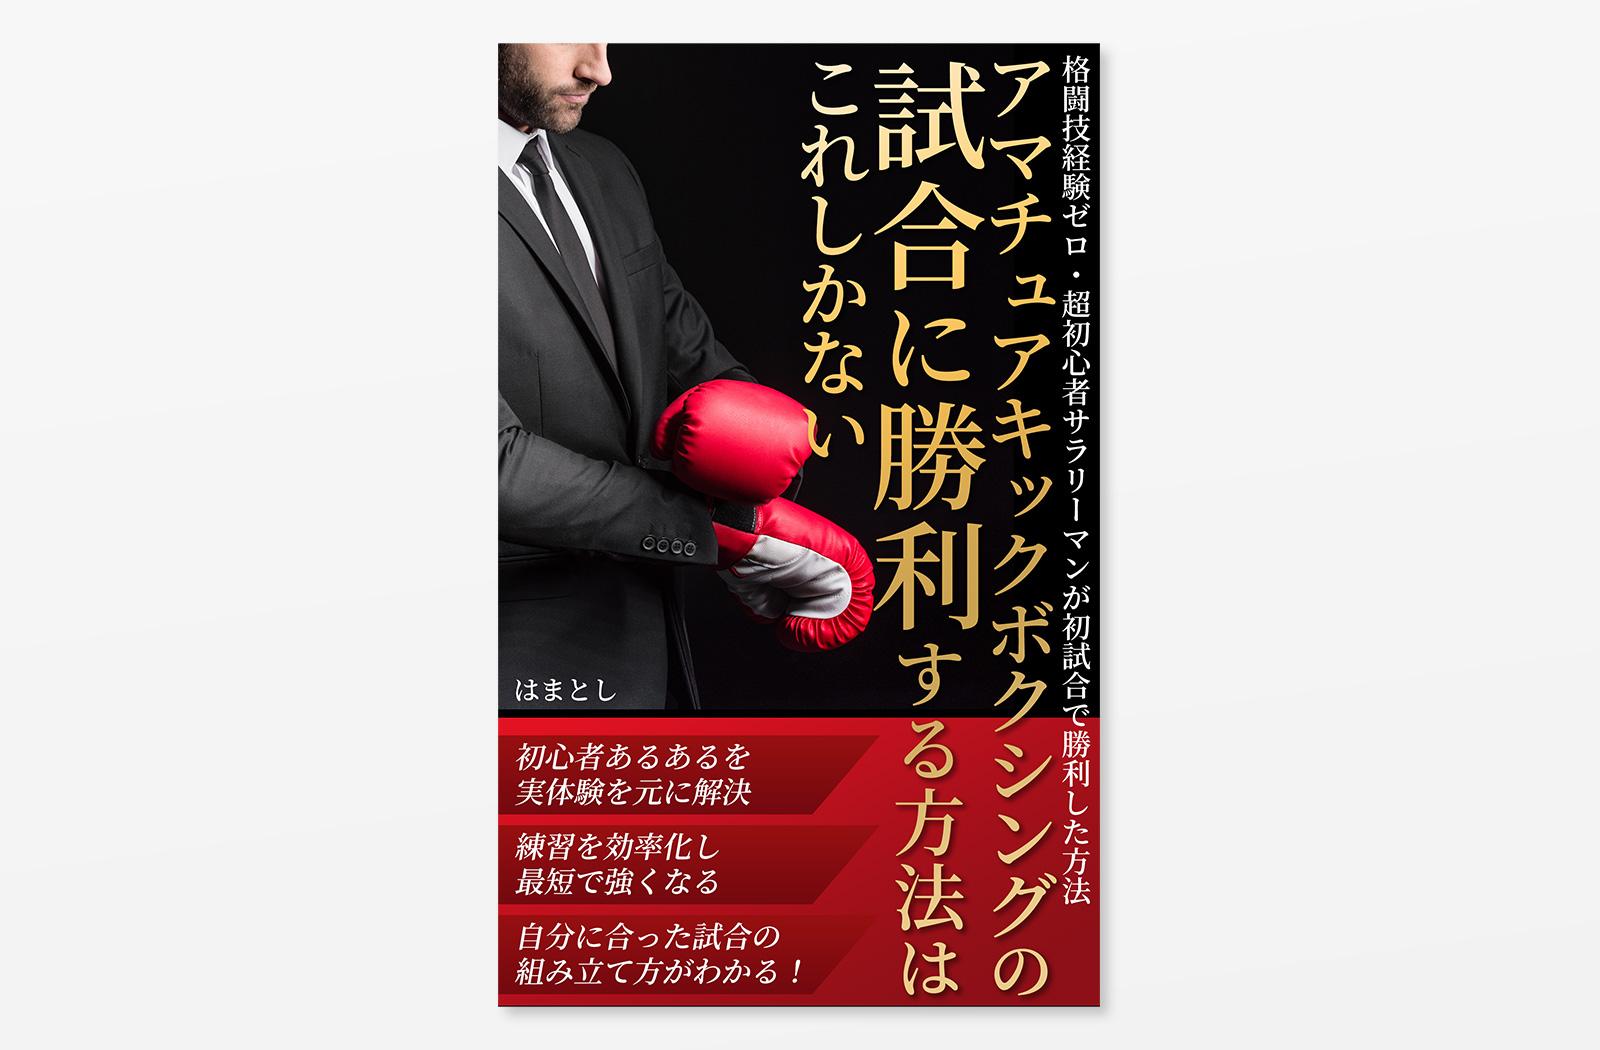 アマチュアキックボクシングの試合に勝利する方法はこれしかない